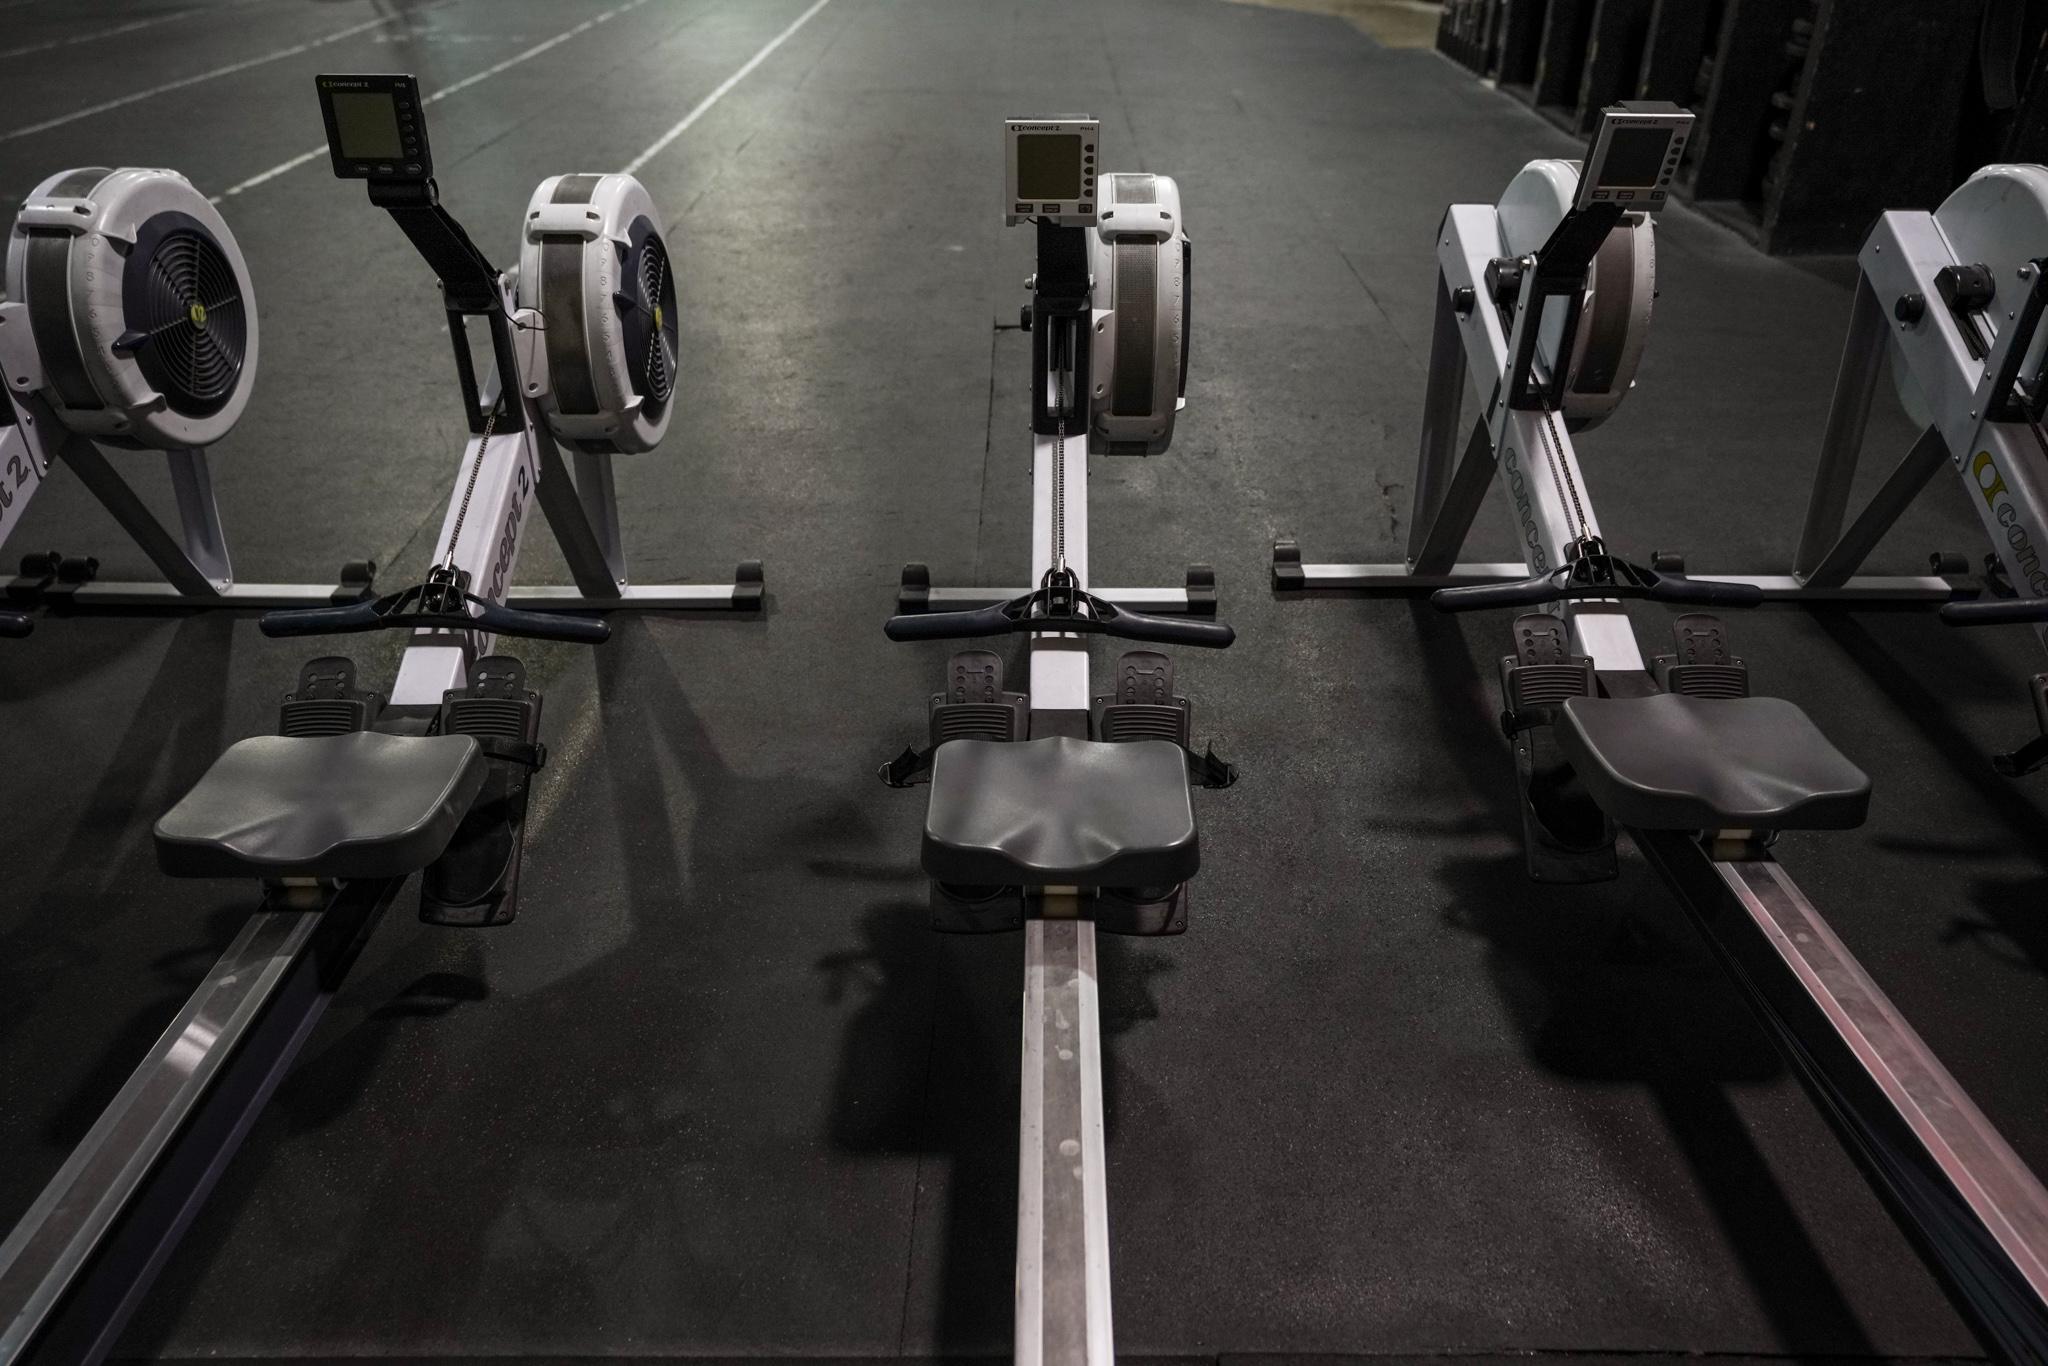 concept 2 row machine